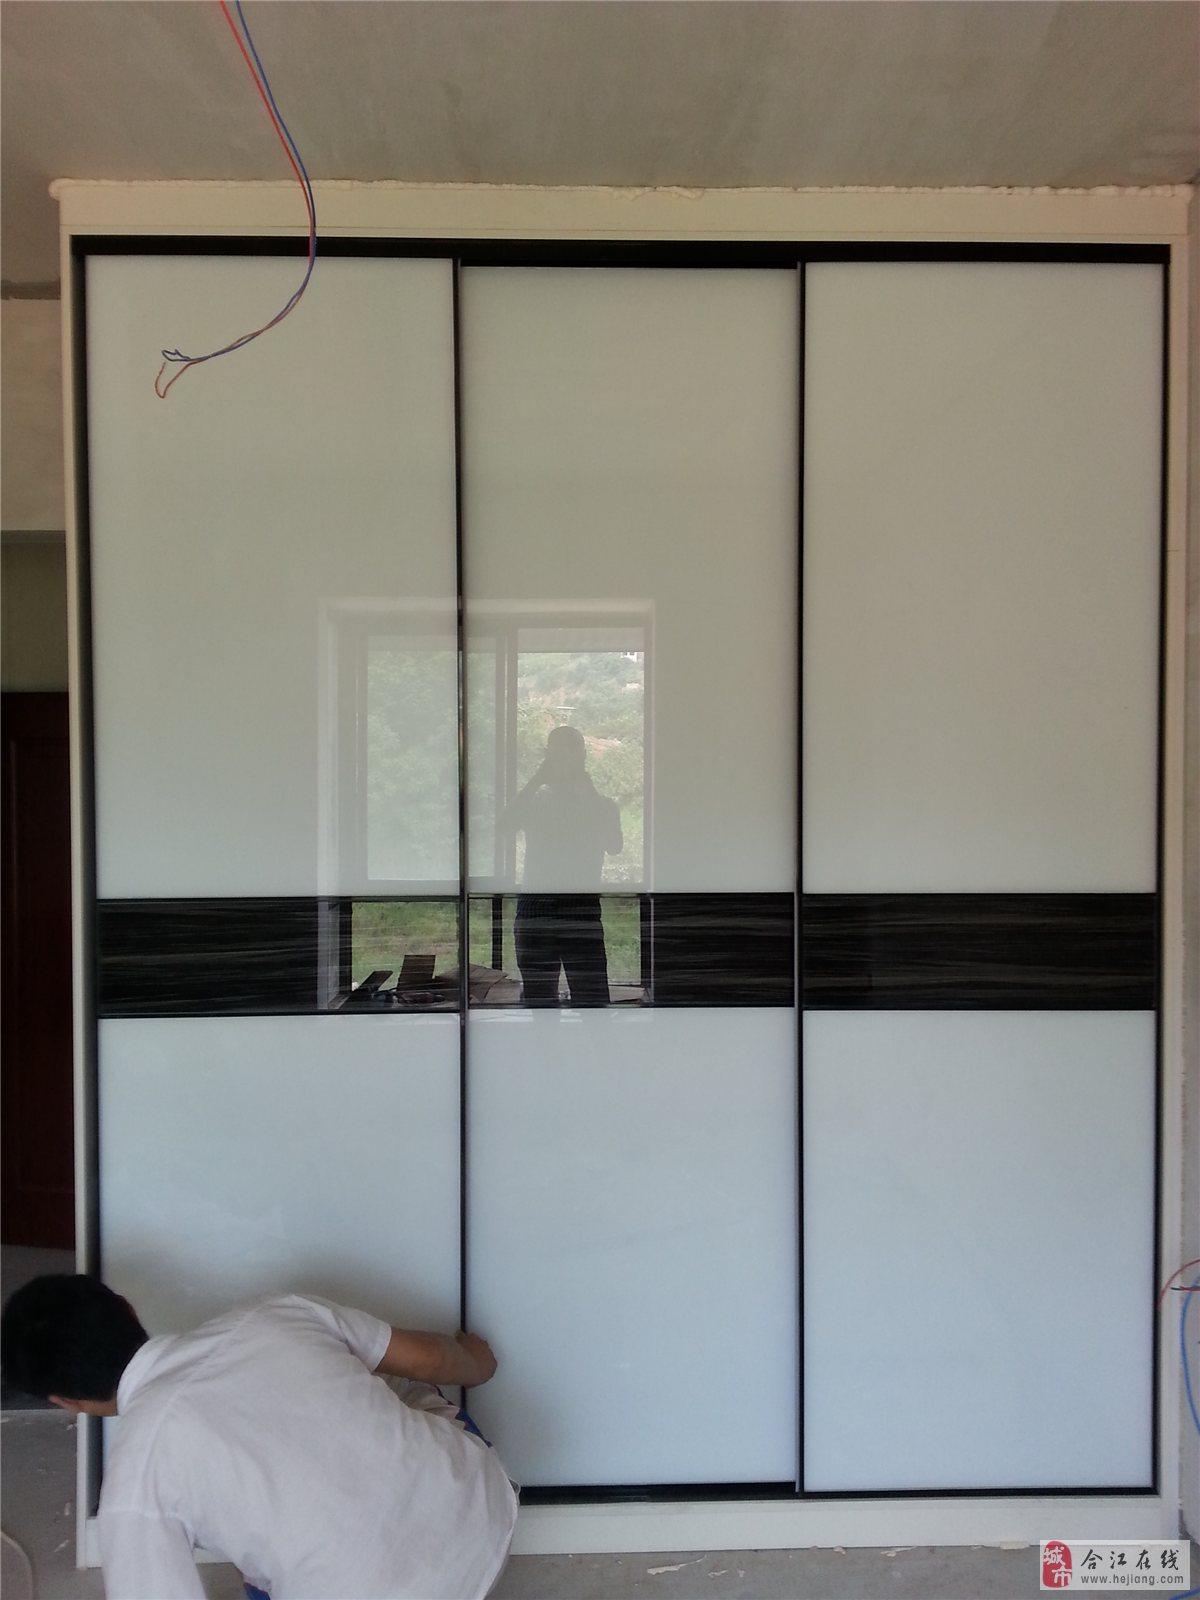 欧式木工衣柜效果图_欧式木工衣柜效果图分享展示